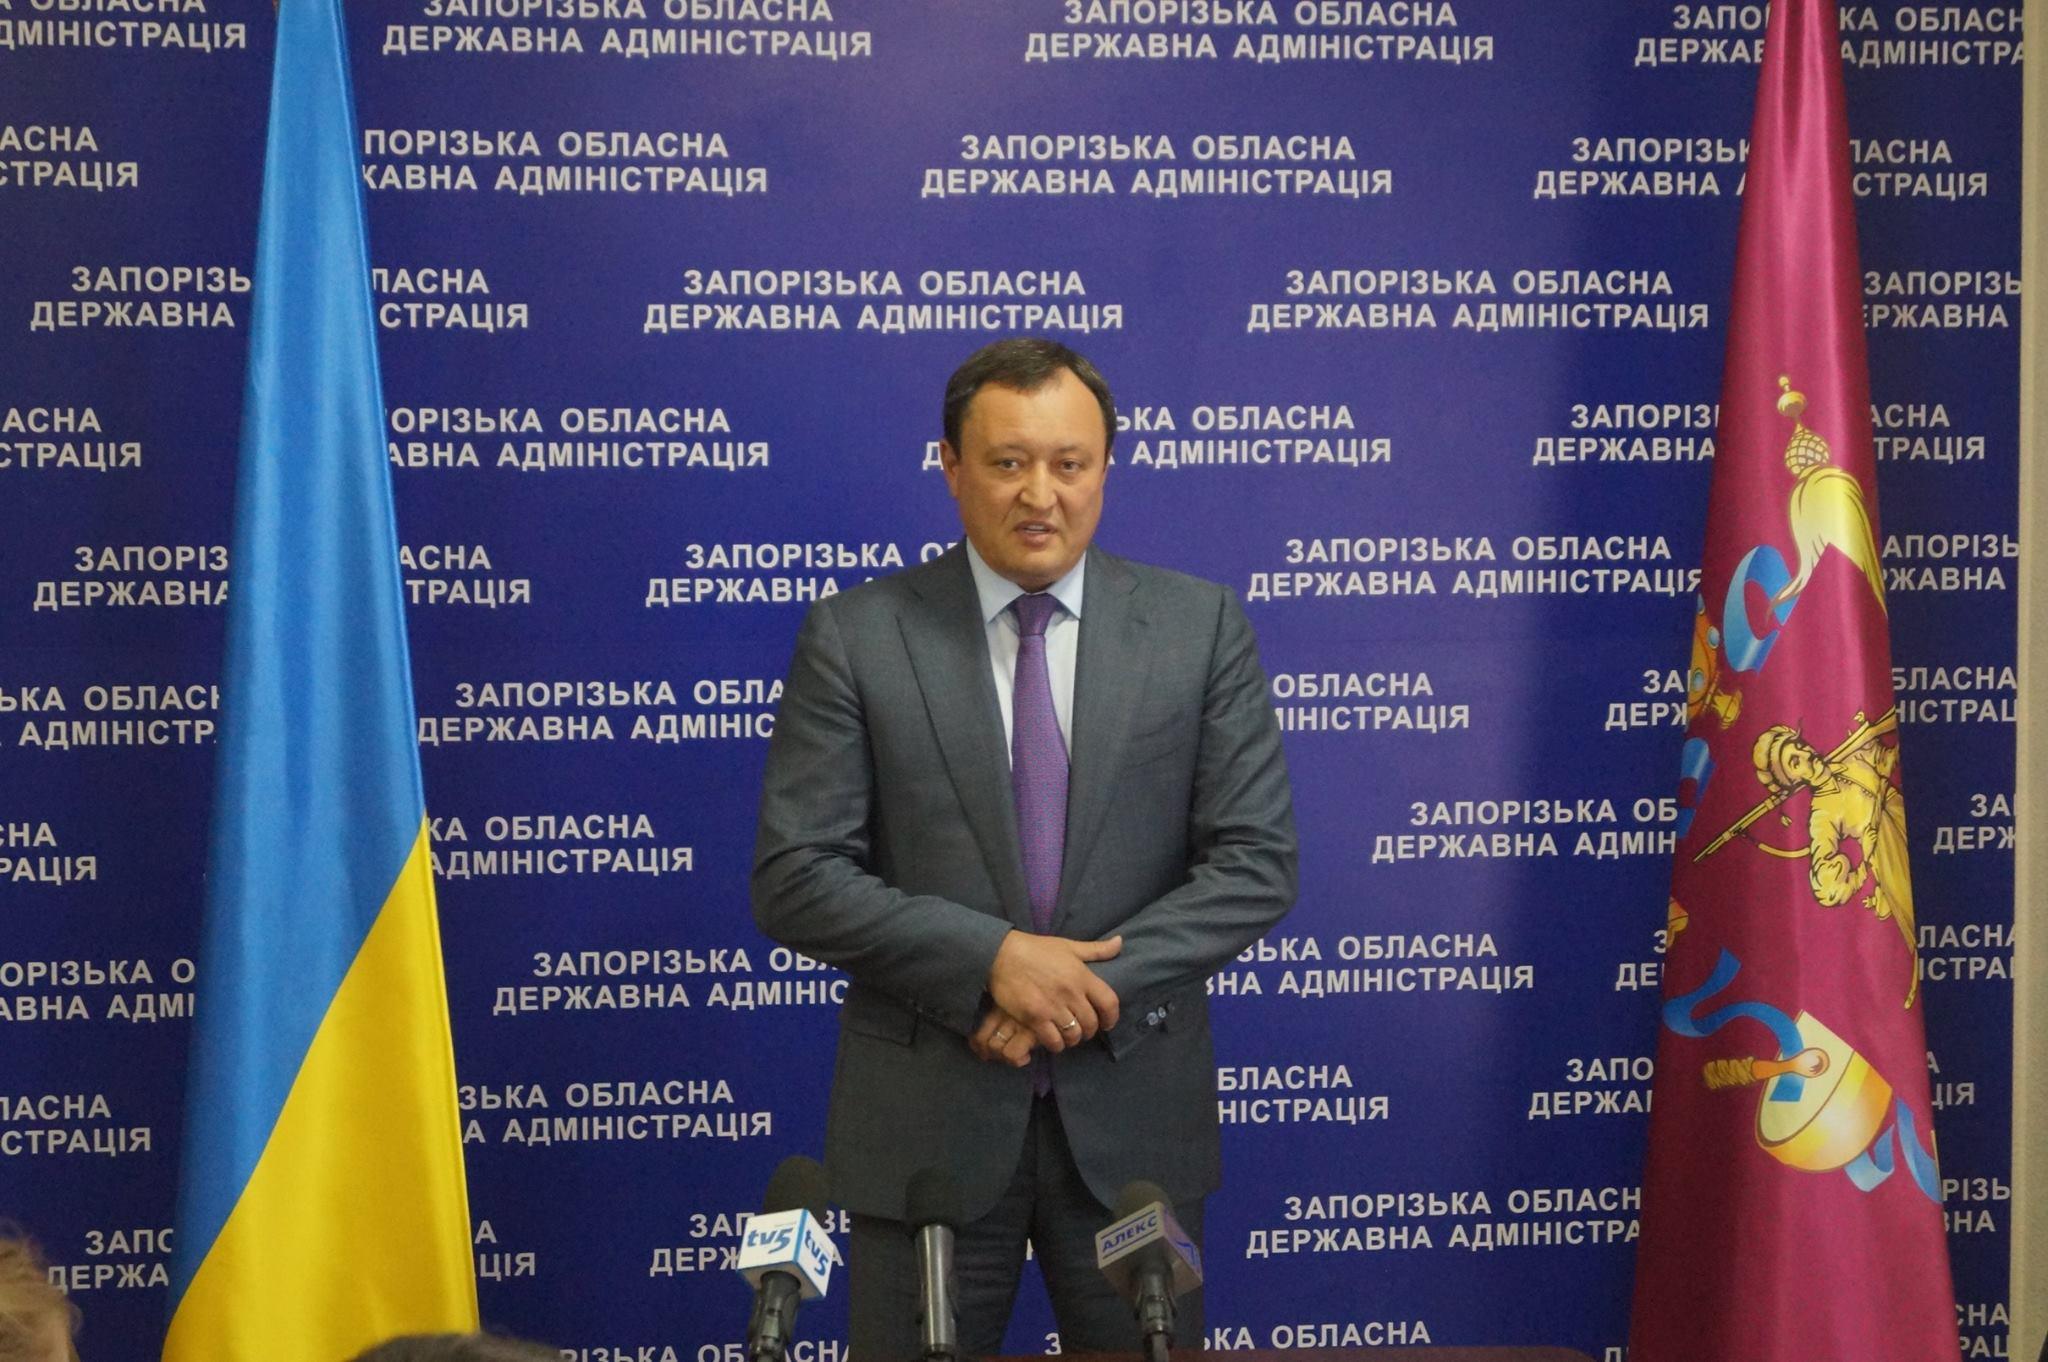 Константин Брыль уволился из СБУ и теперь сможет показать е-декларацию